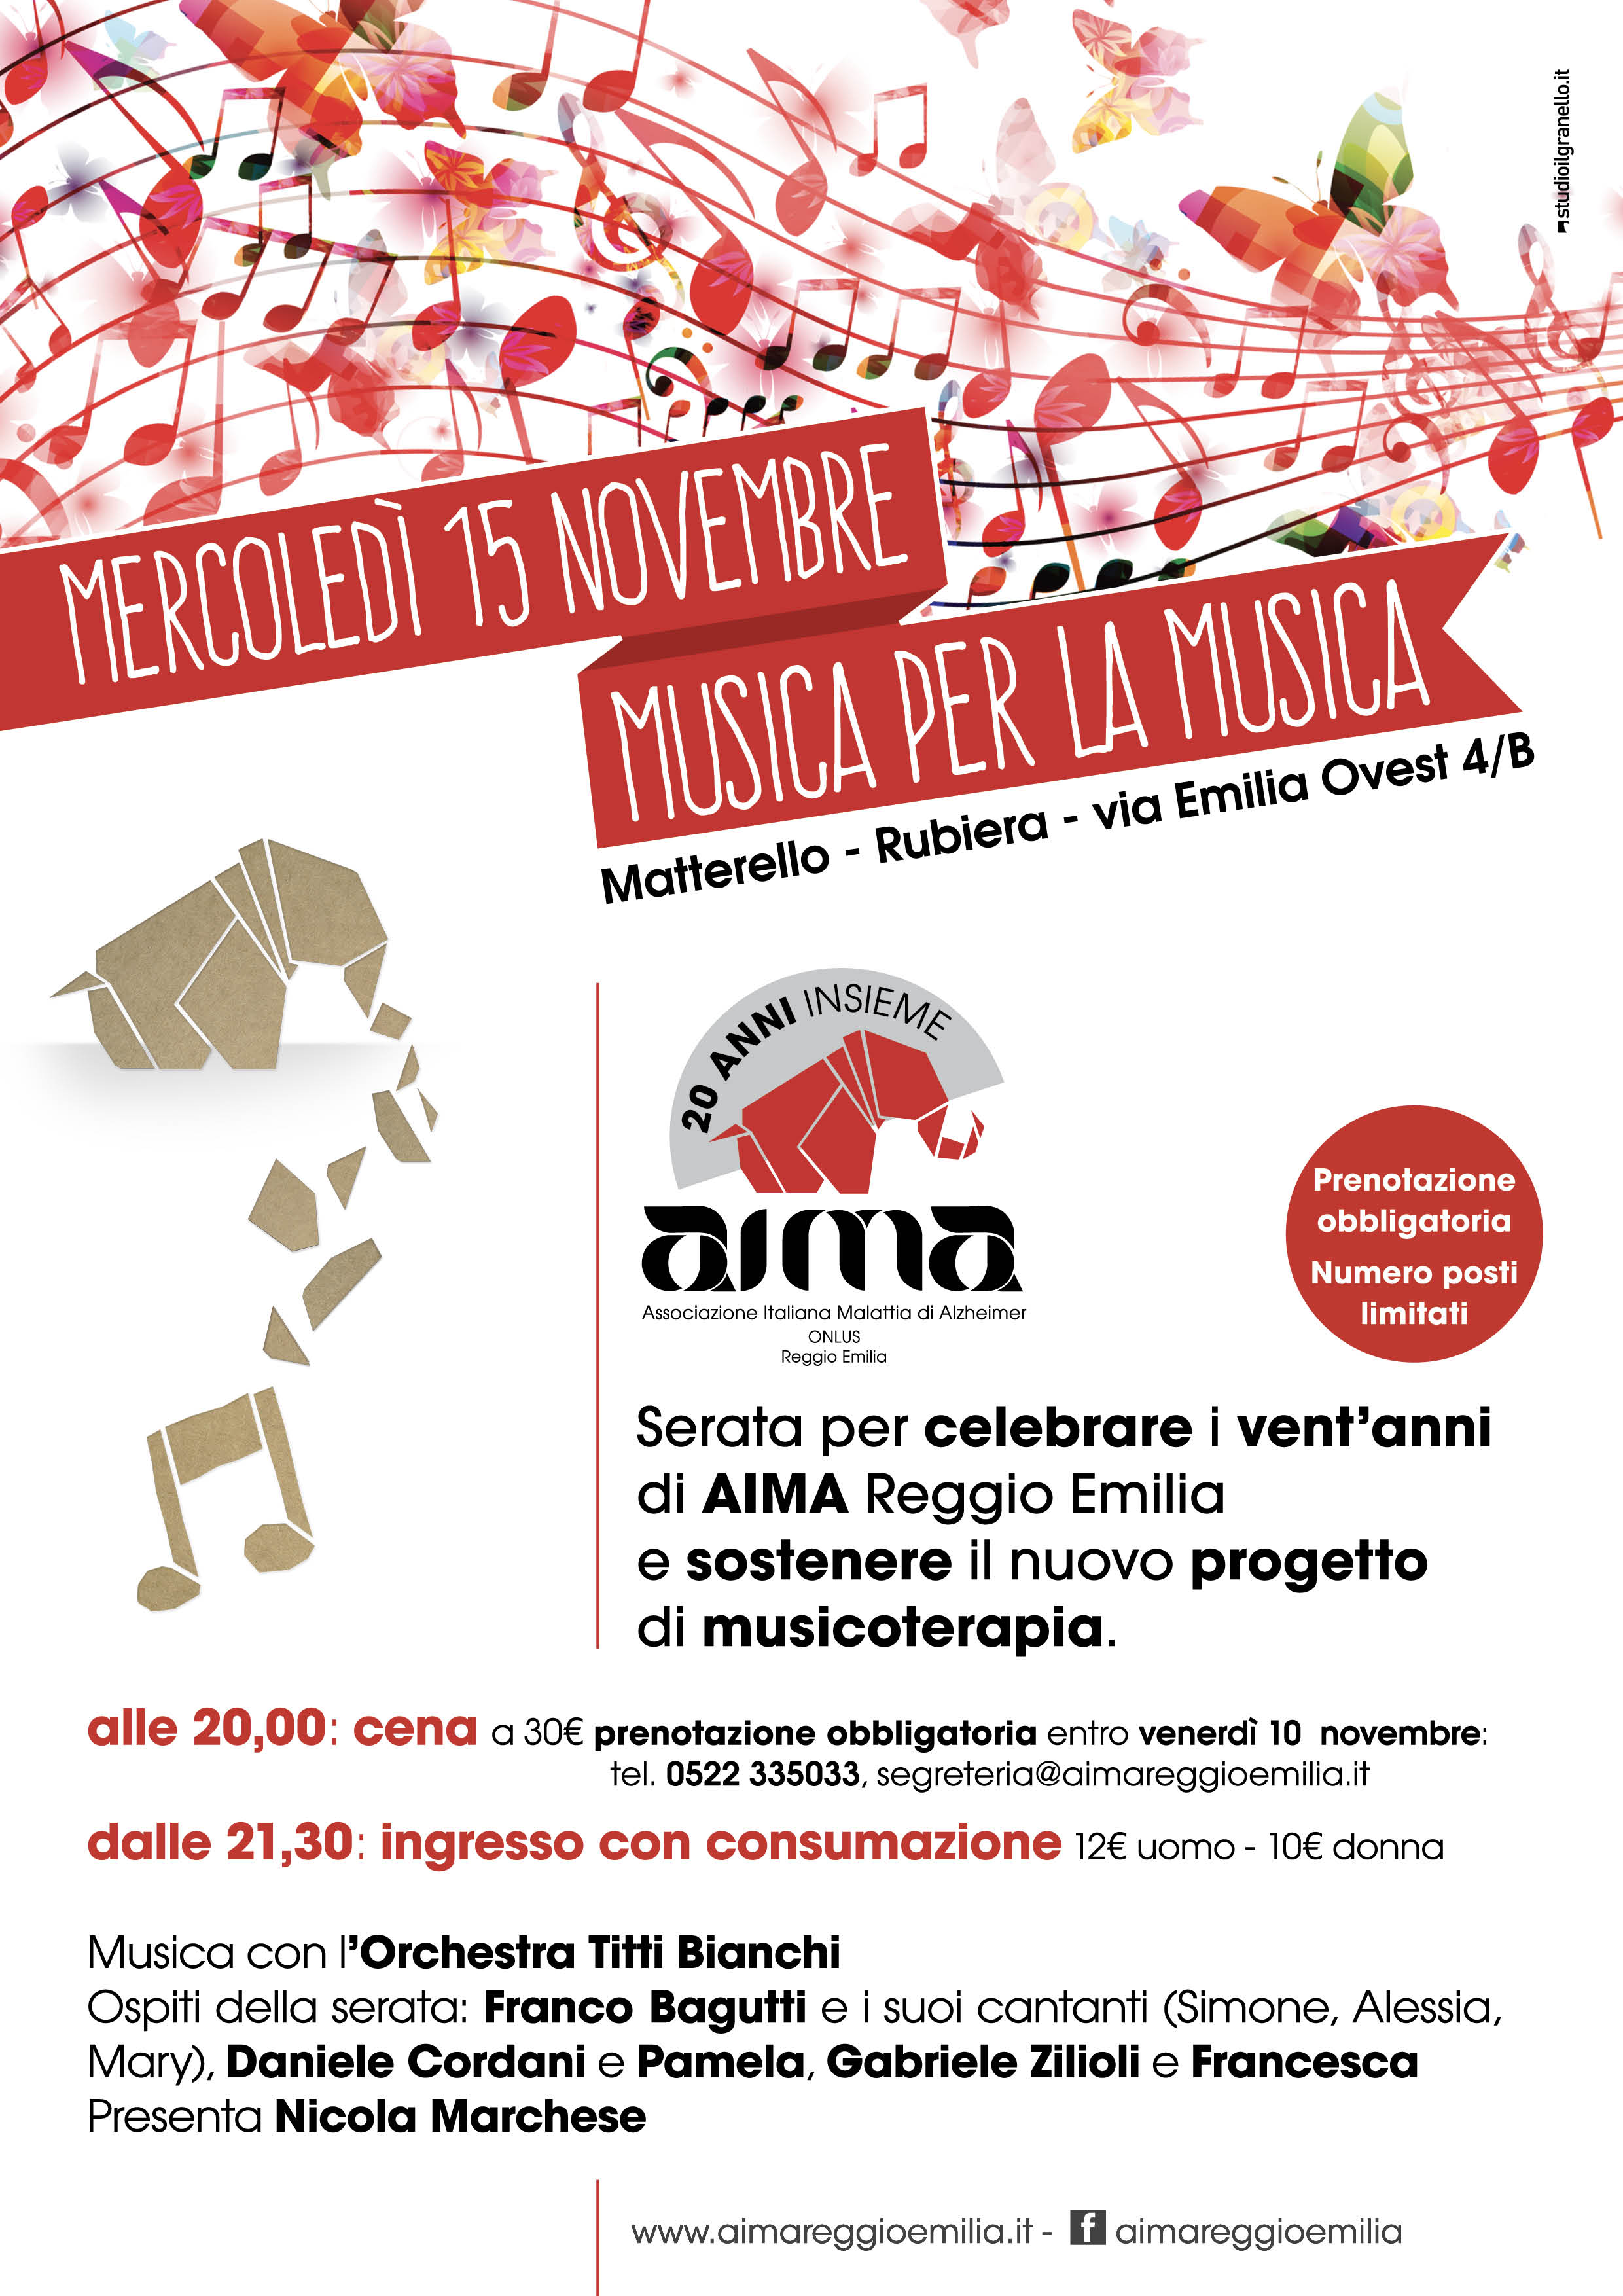 Calendario Titti Bianchi.Musica Per La Musicoterapia Per I 20 Anni Di Aima Al Matterello